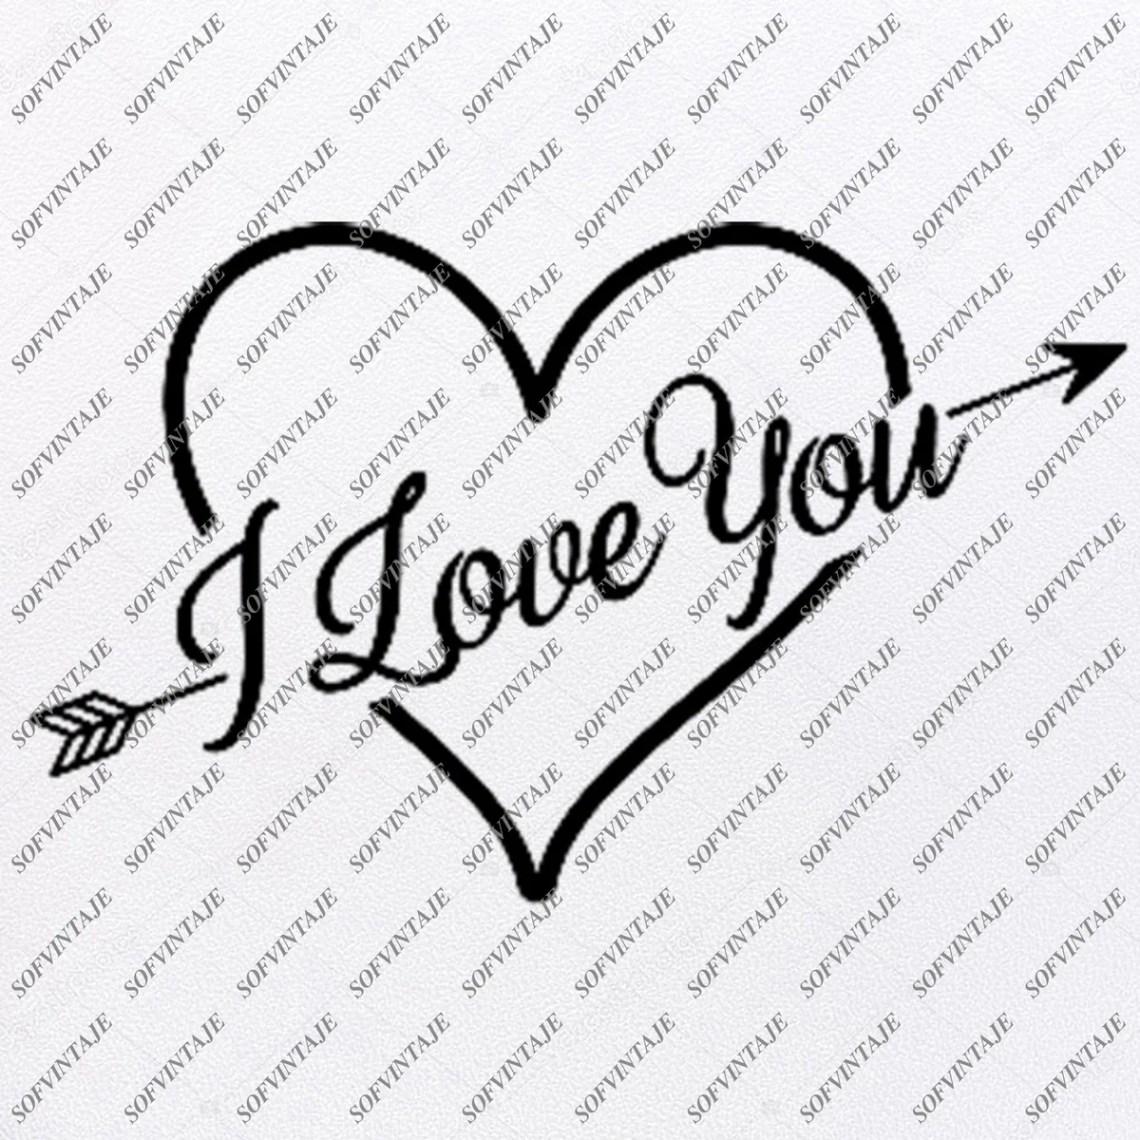 Download Love Heart Svg File - I Love You Svg - Love Heart Svg ...